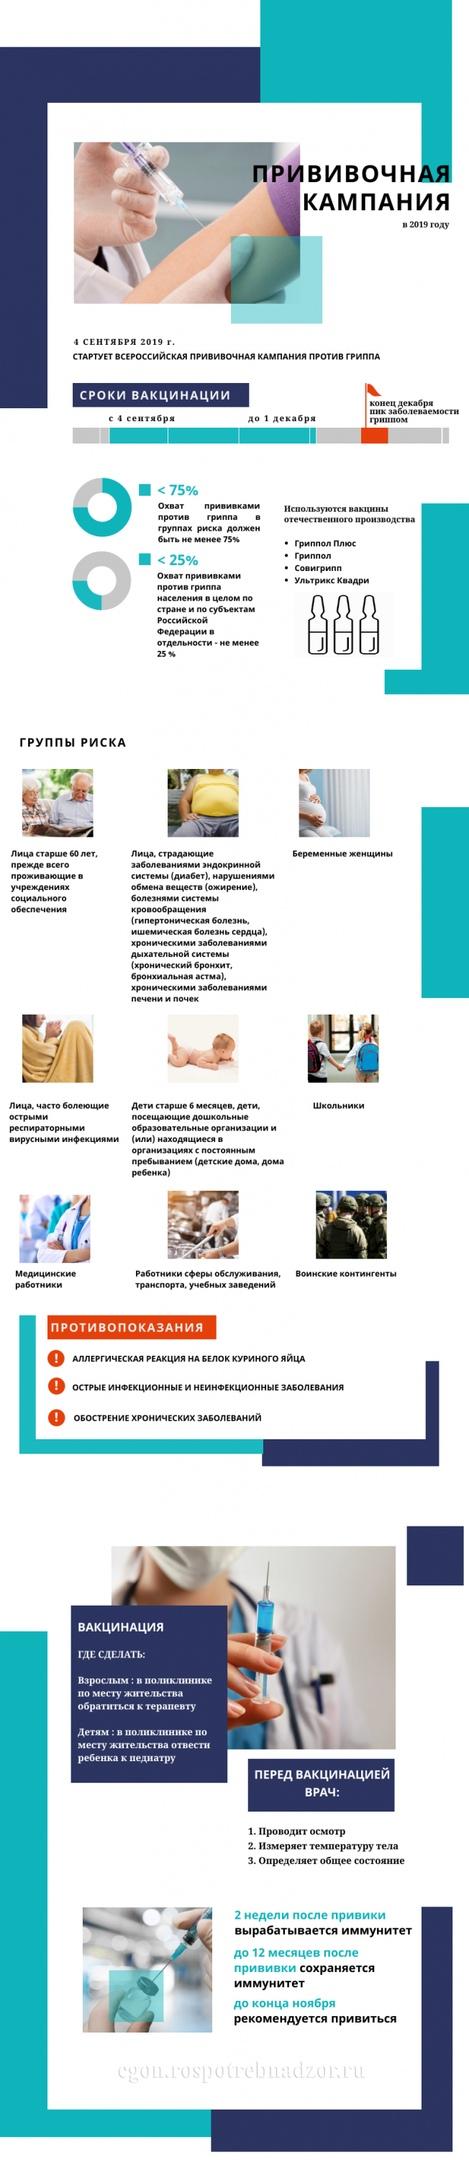 Меры профилактики гриппа., изображение №6